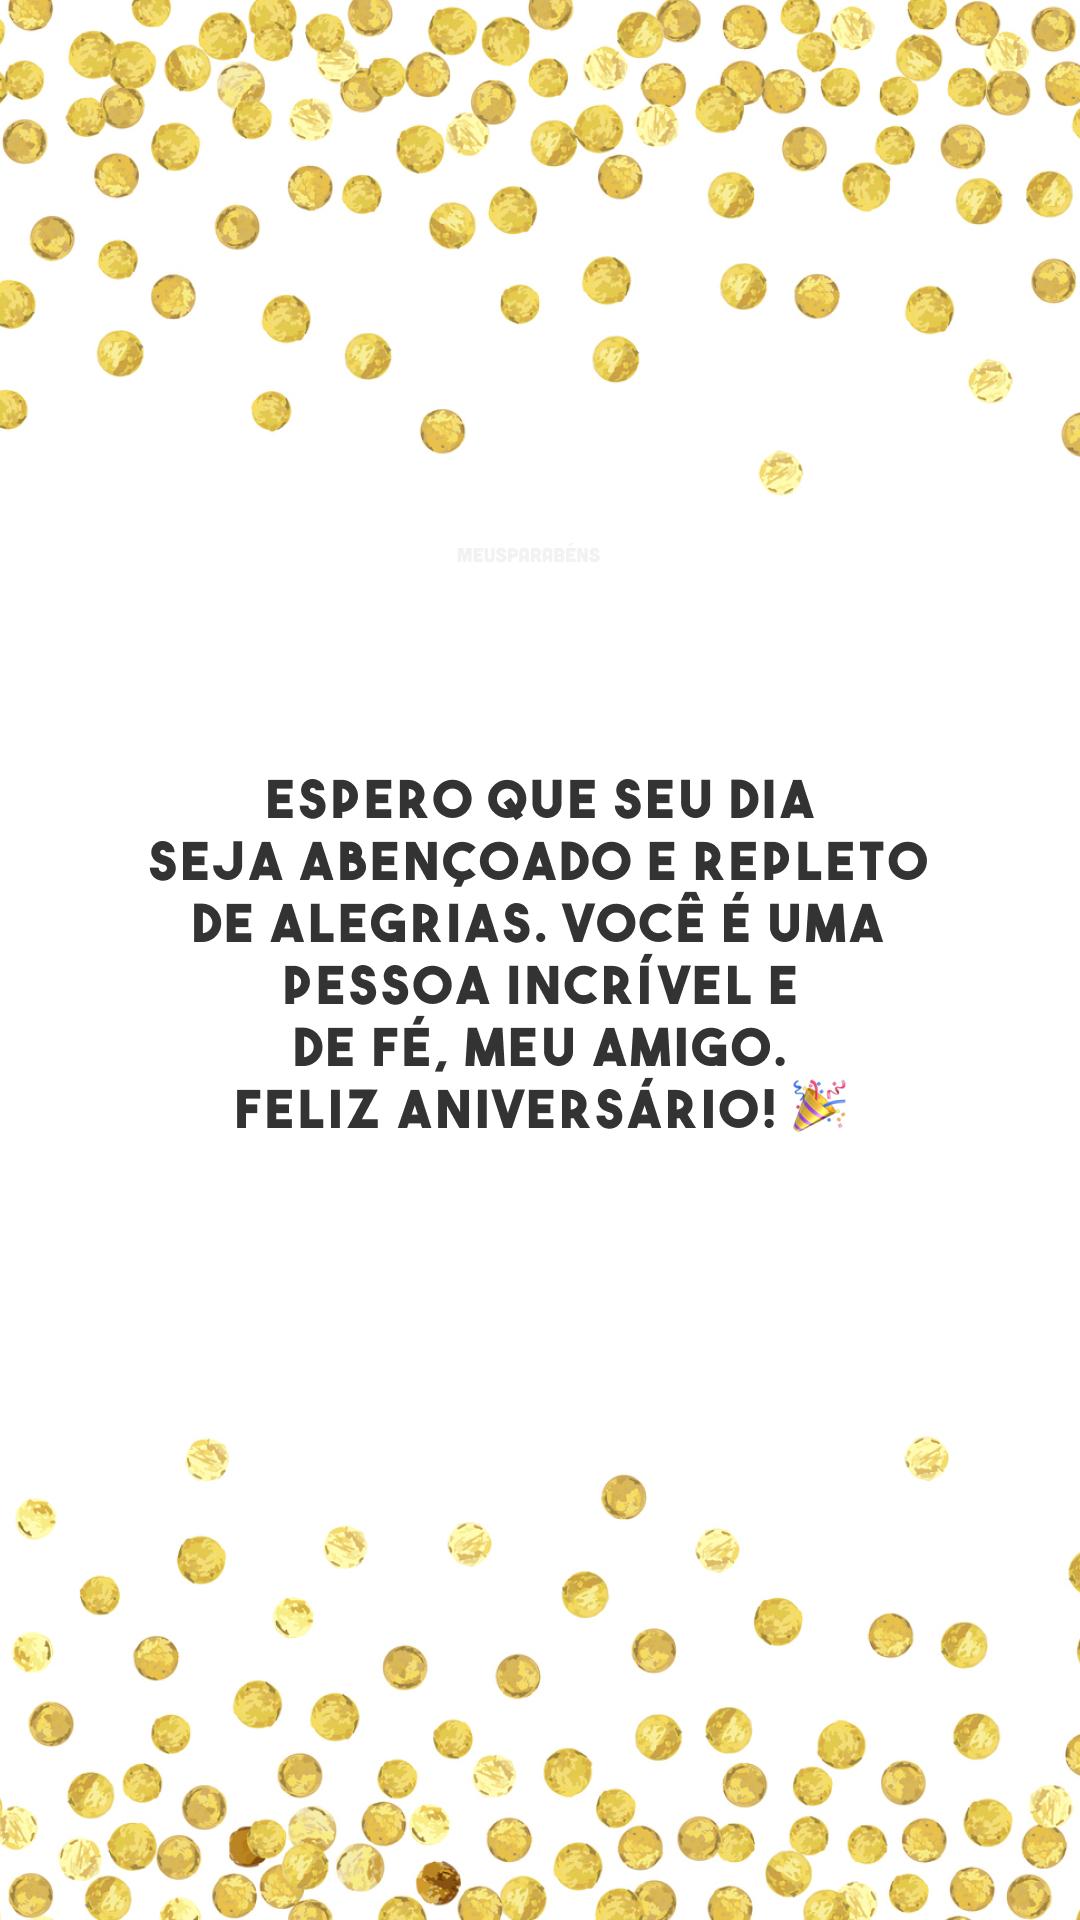 Espero que seu dia seja abençoado e repleto de alegrias. Você é uma pessoa incrível e de fé, meu amigo. Feliz aniversário! 🎉